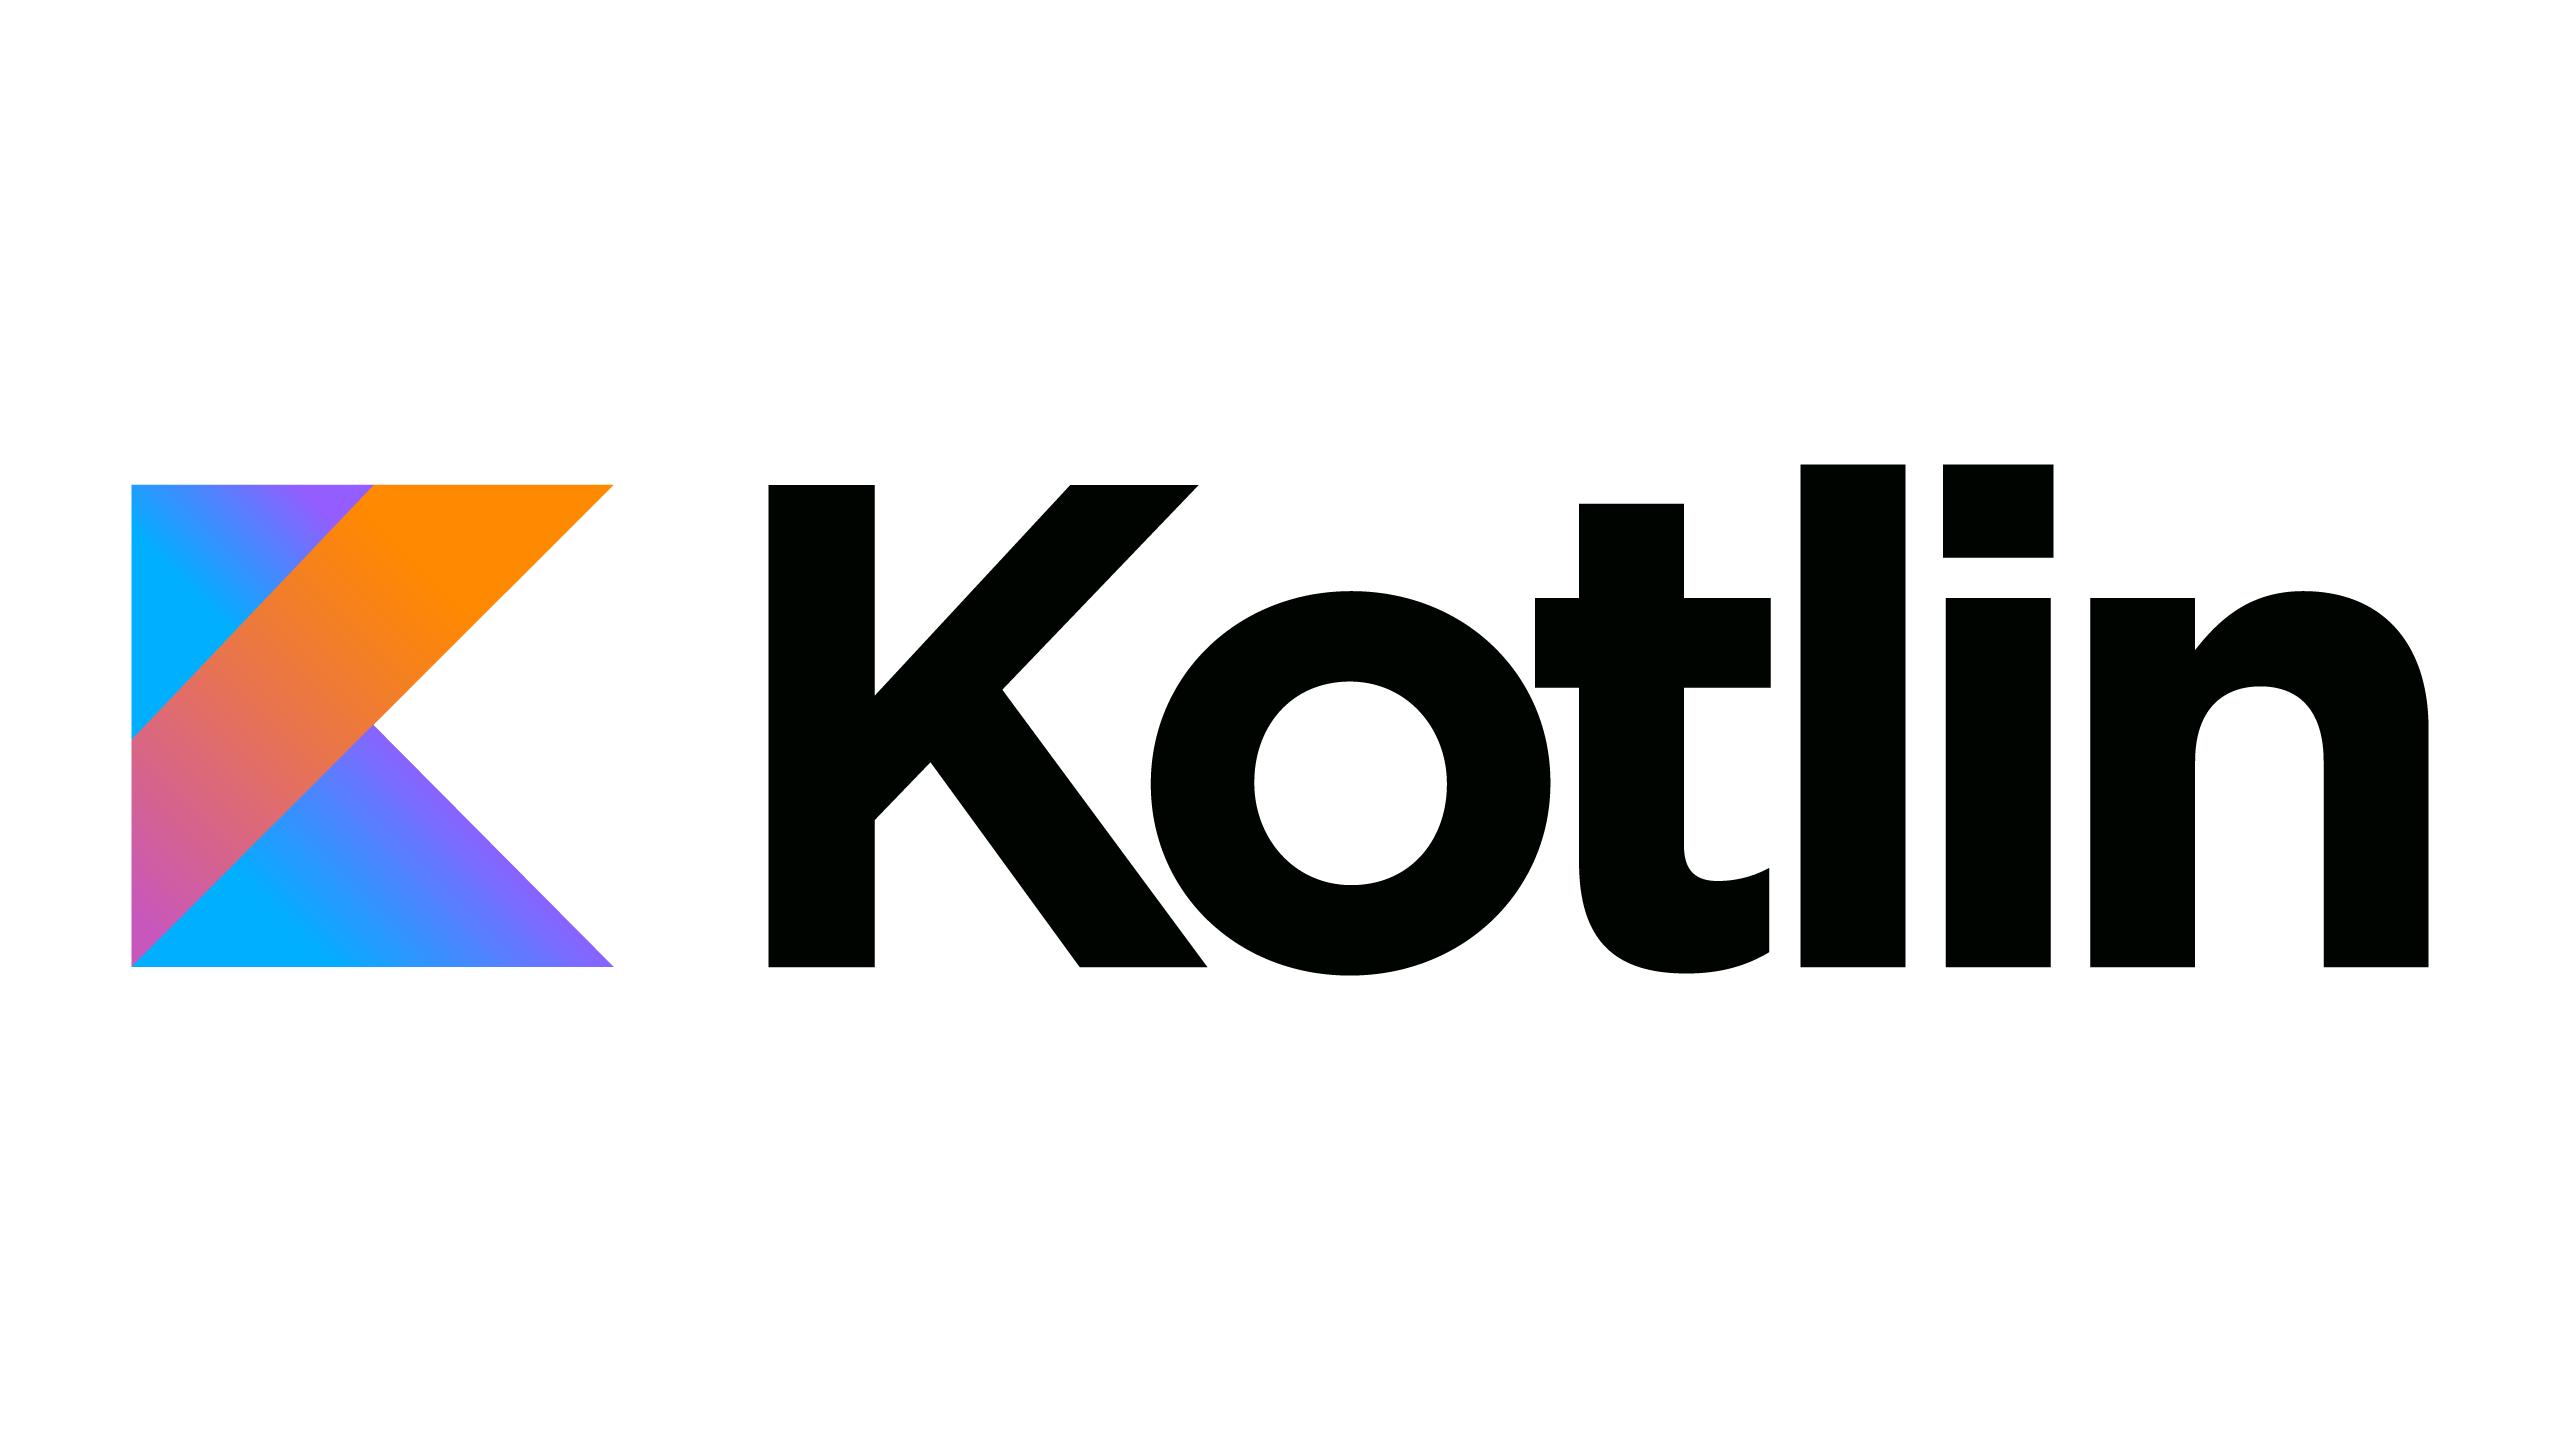 kotlin.png